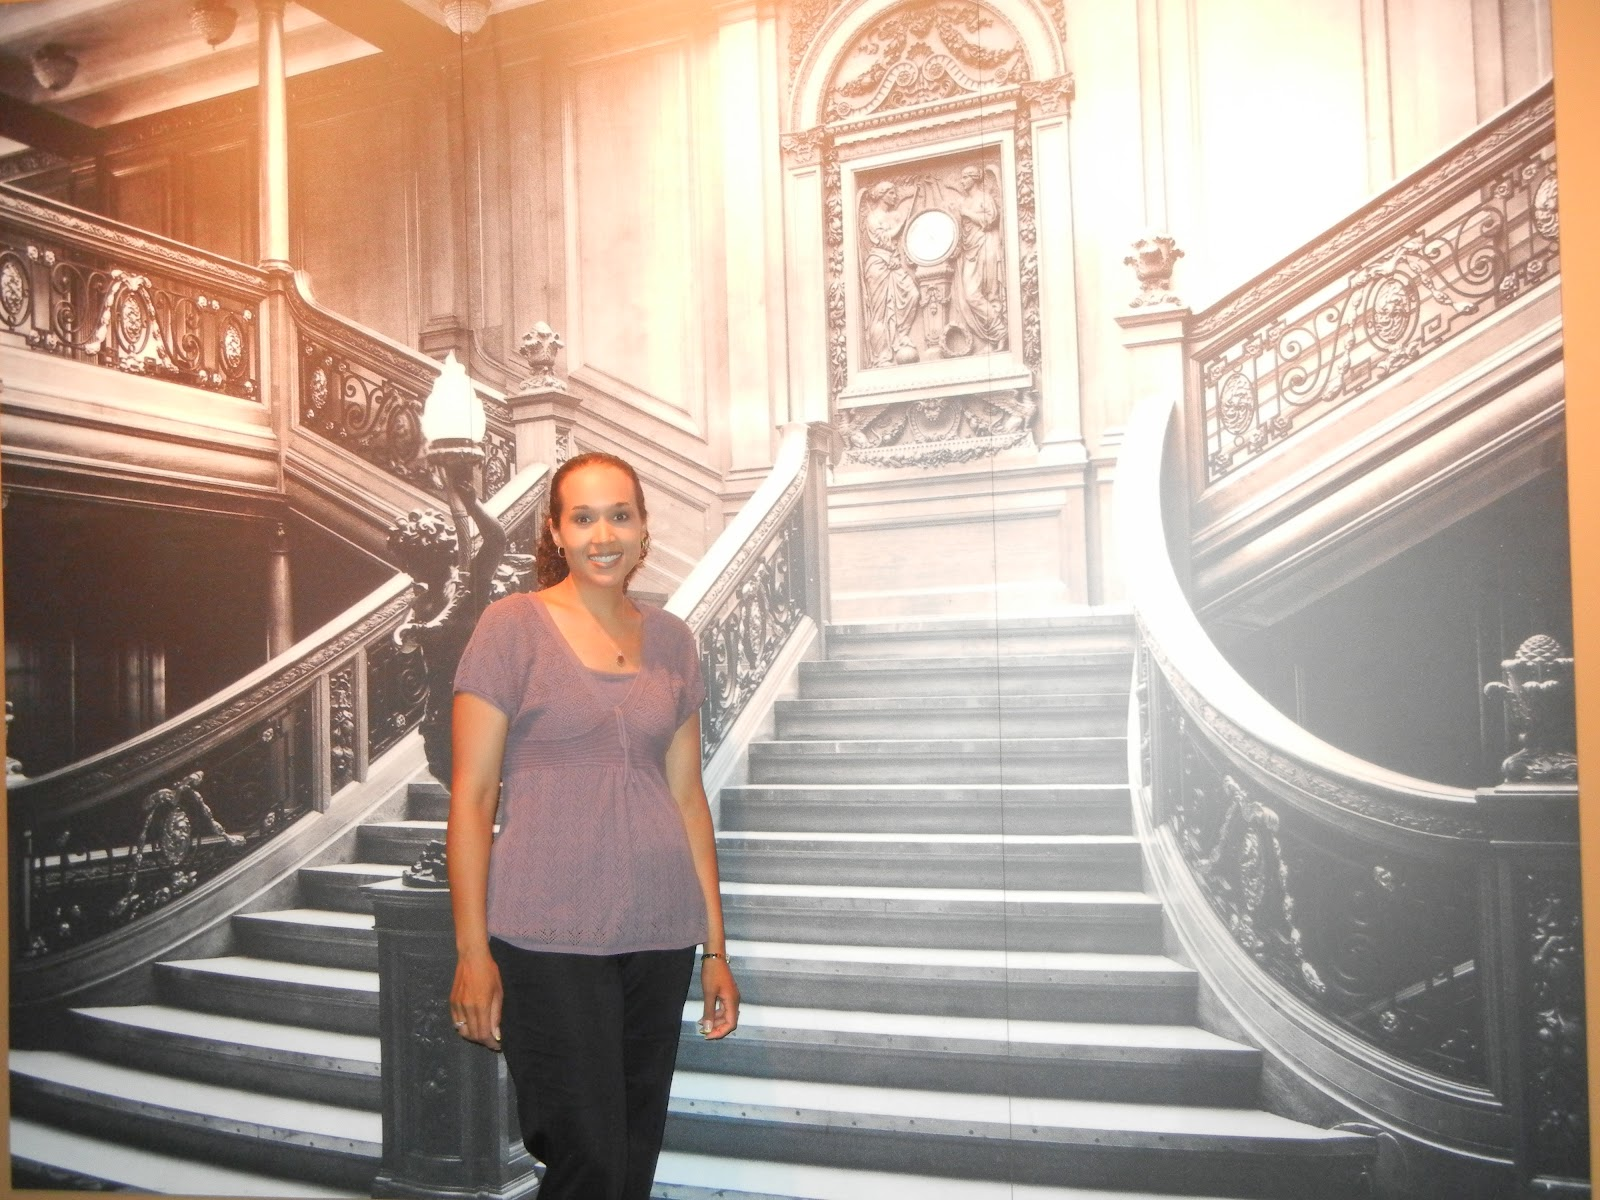 Sojourner Marable Grimmett Titanic The Artifact